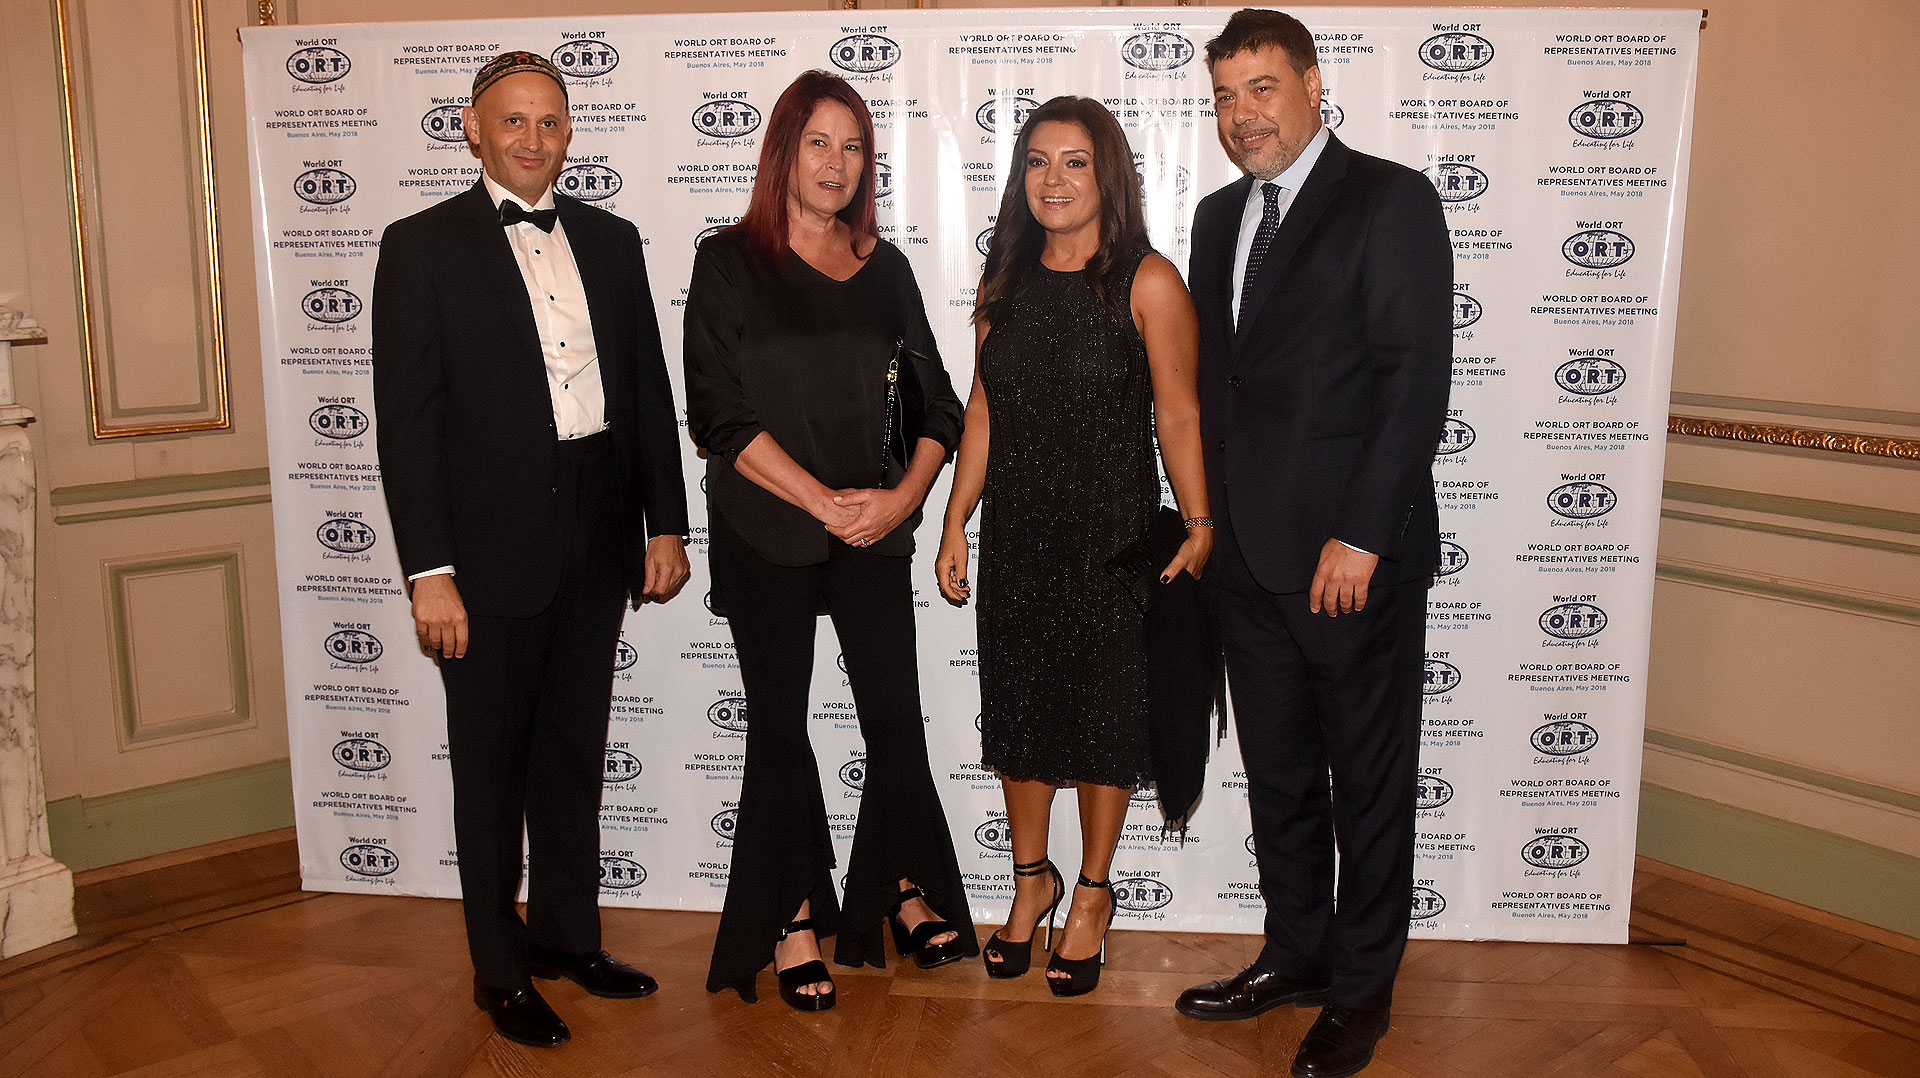 El ministro Bergman y su esposa Gabriela, junto al presidente del consejo de administración de ORT Mundial, Darío Werthein y su esposa Cecilia